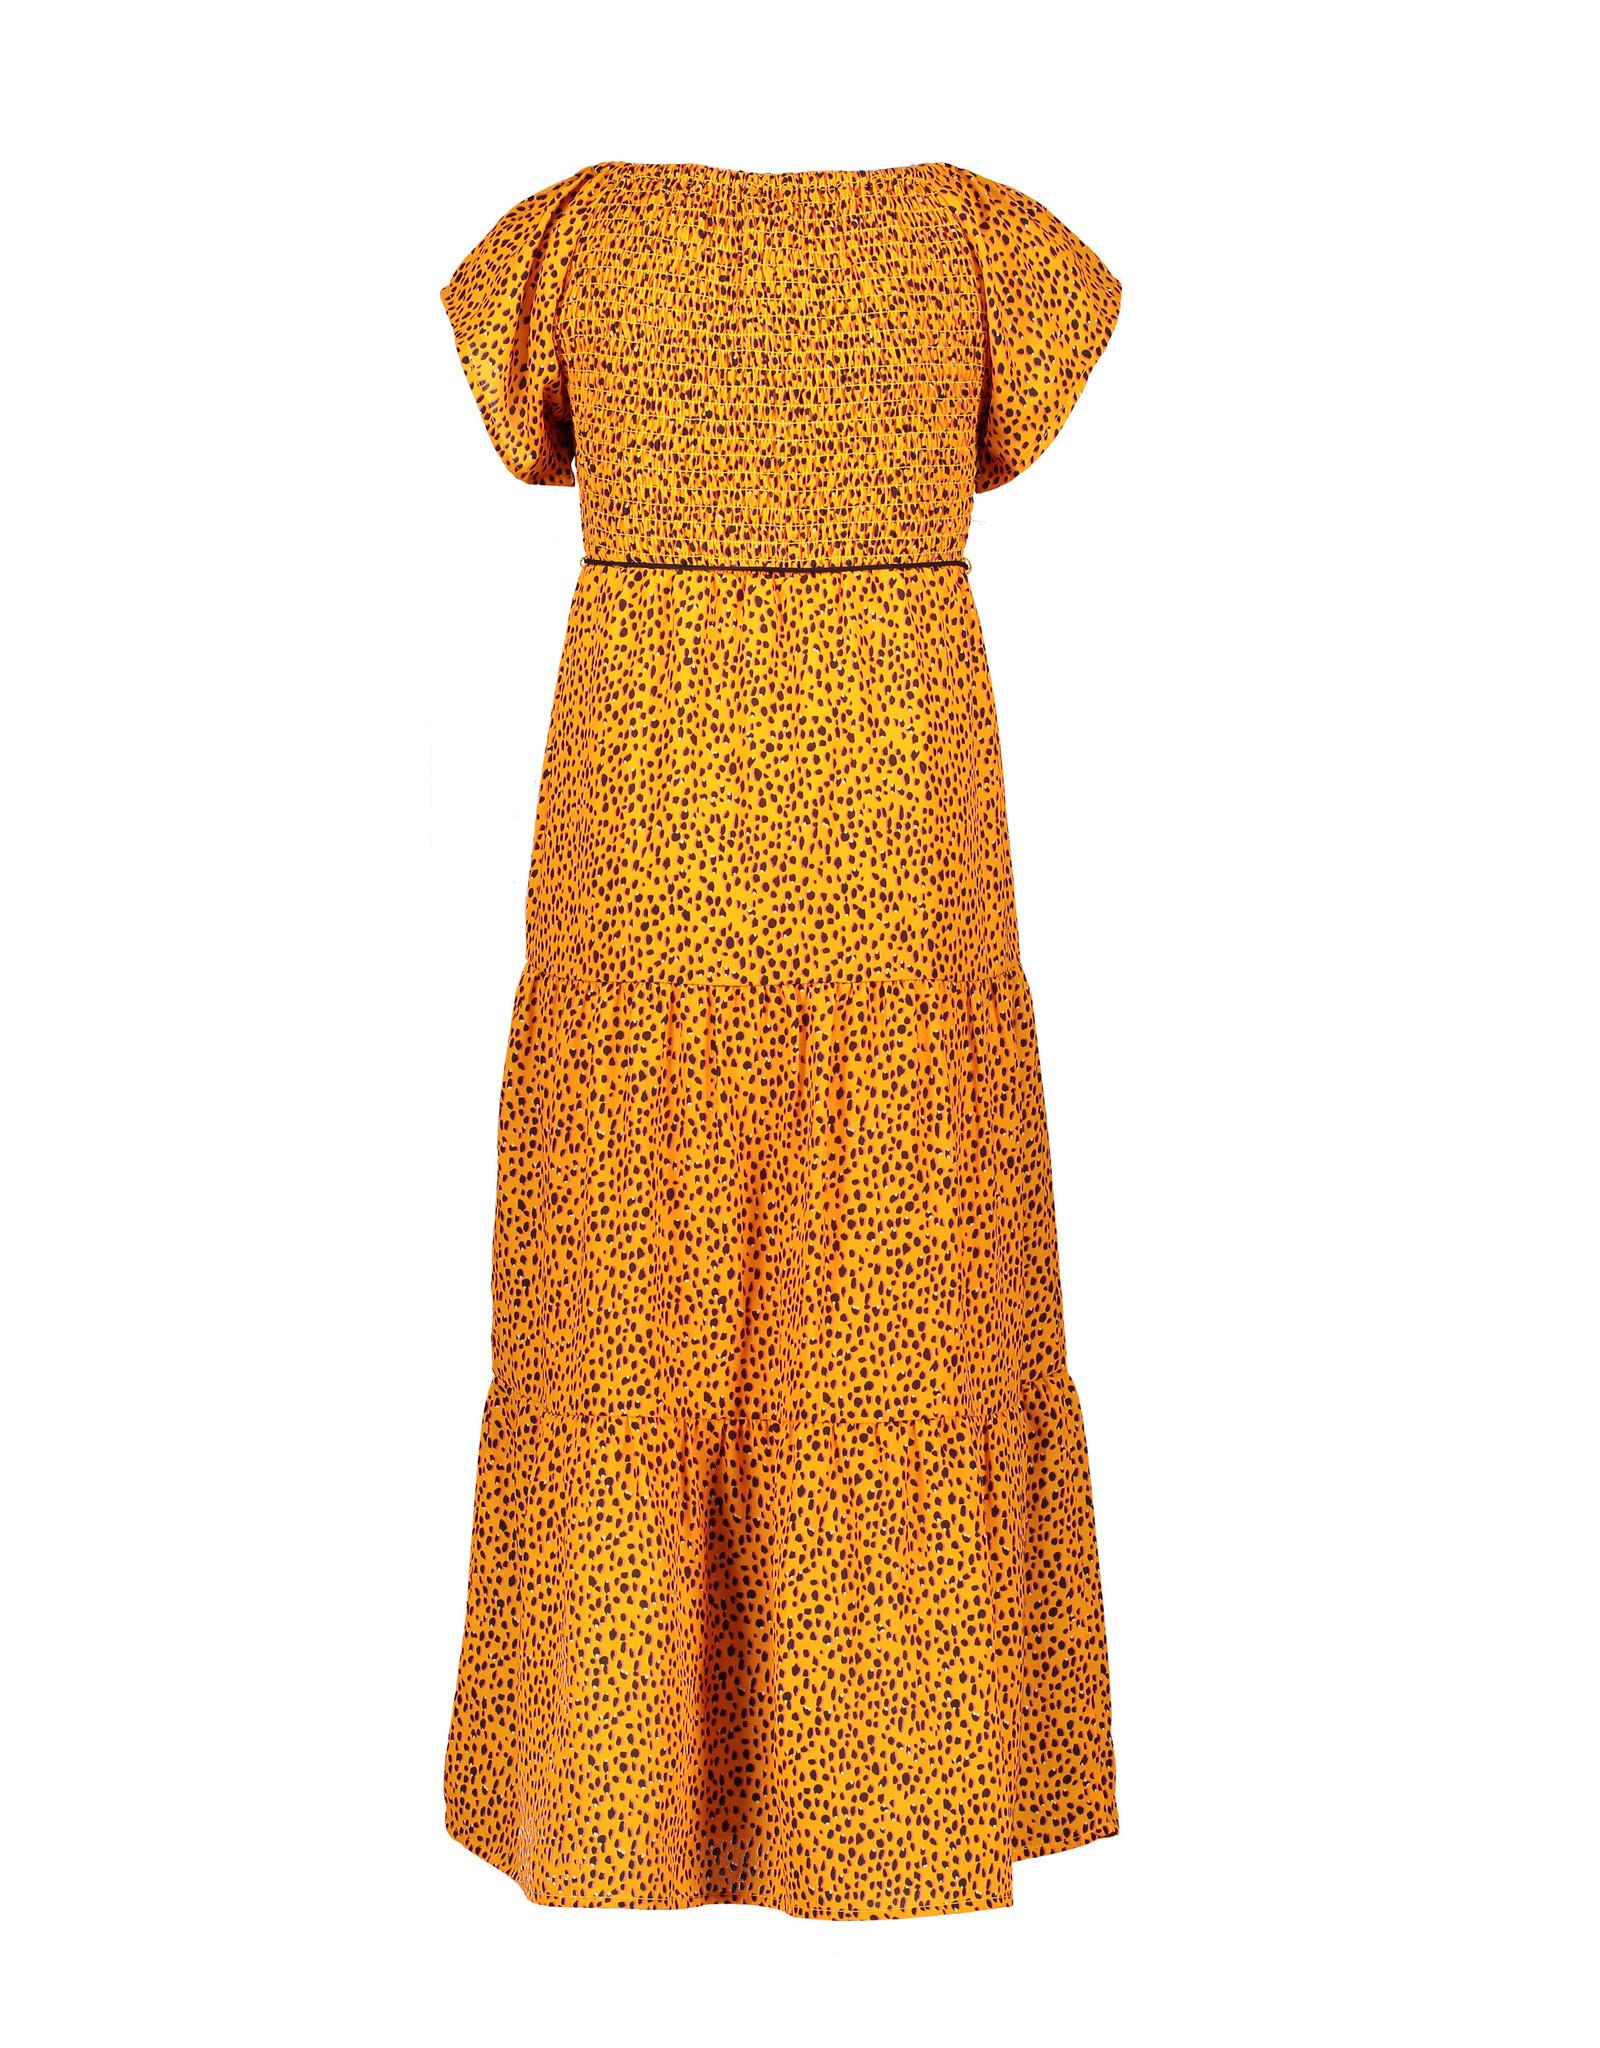 Nono Malia ss maxi dress in Pebblestone aop